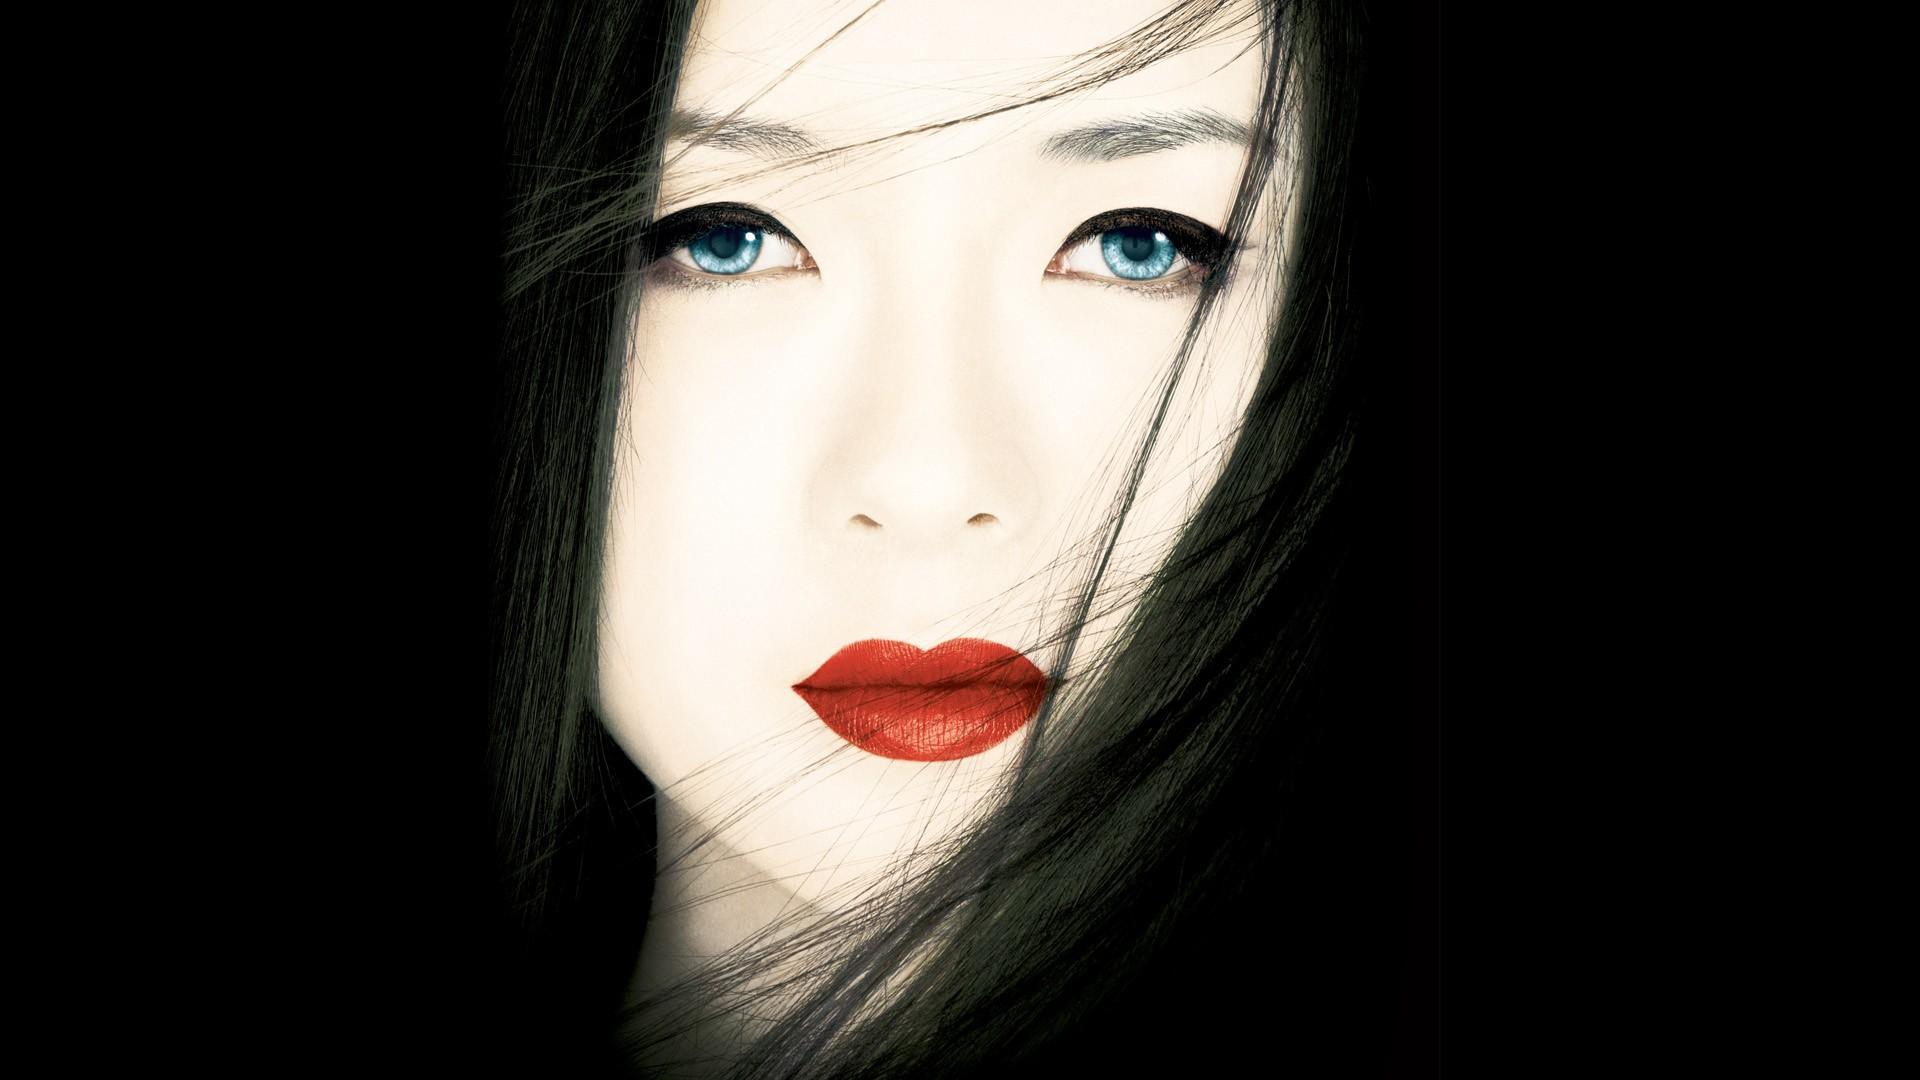 Geisha Wallpaper 1920x1080 Geisha 1920x1080